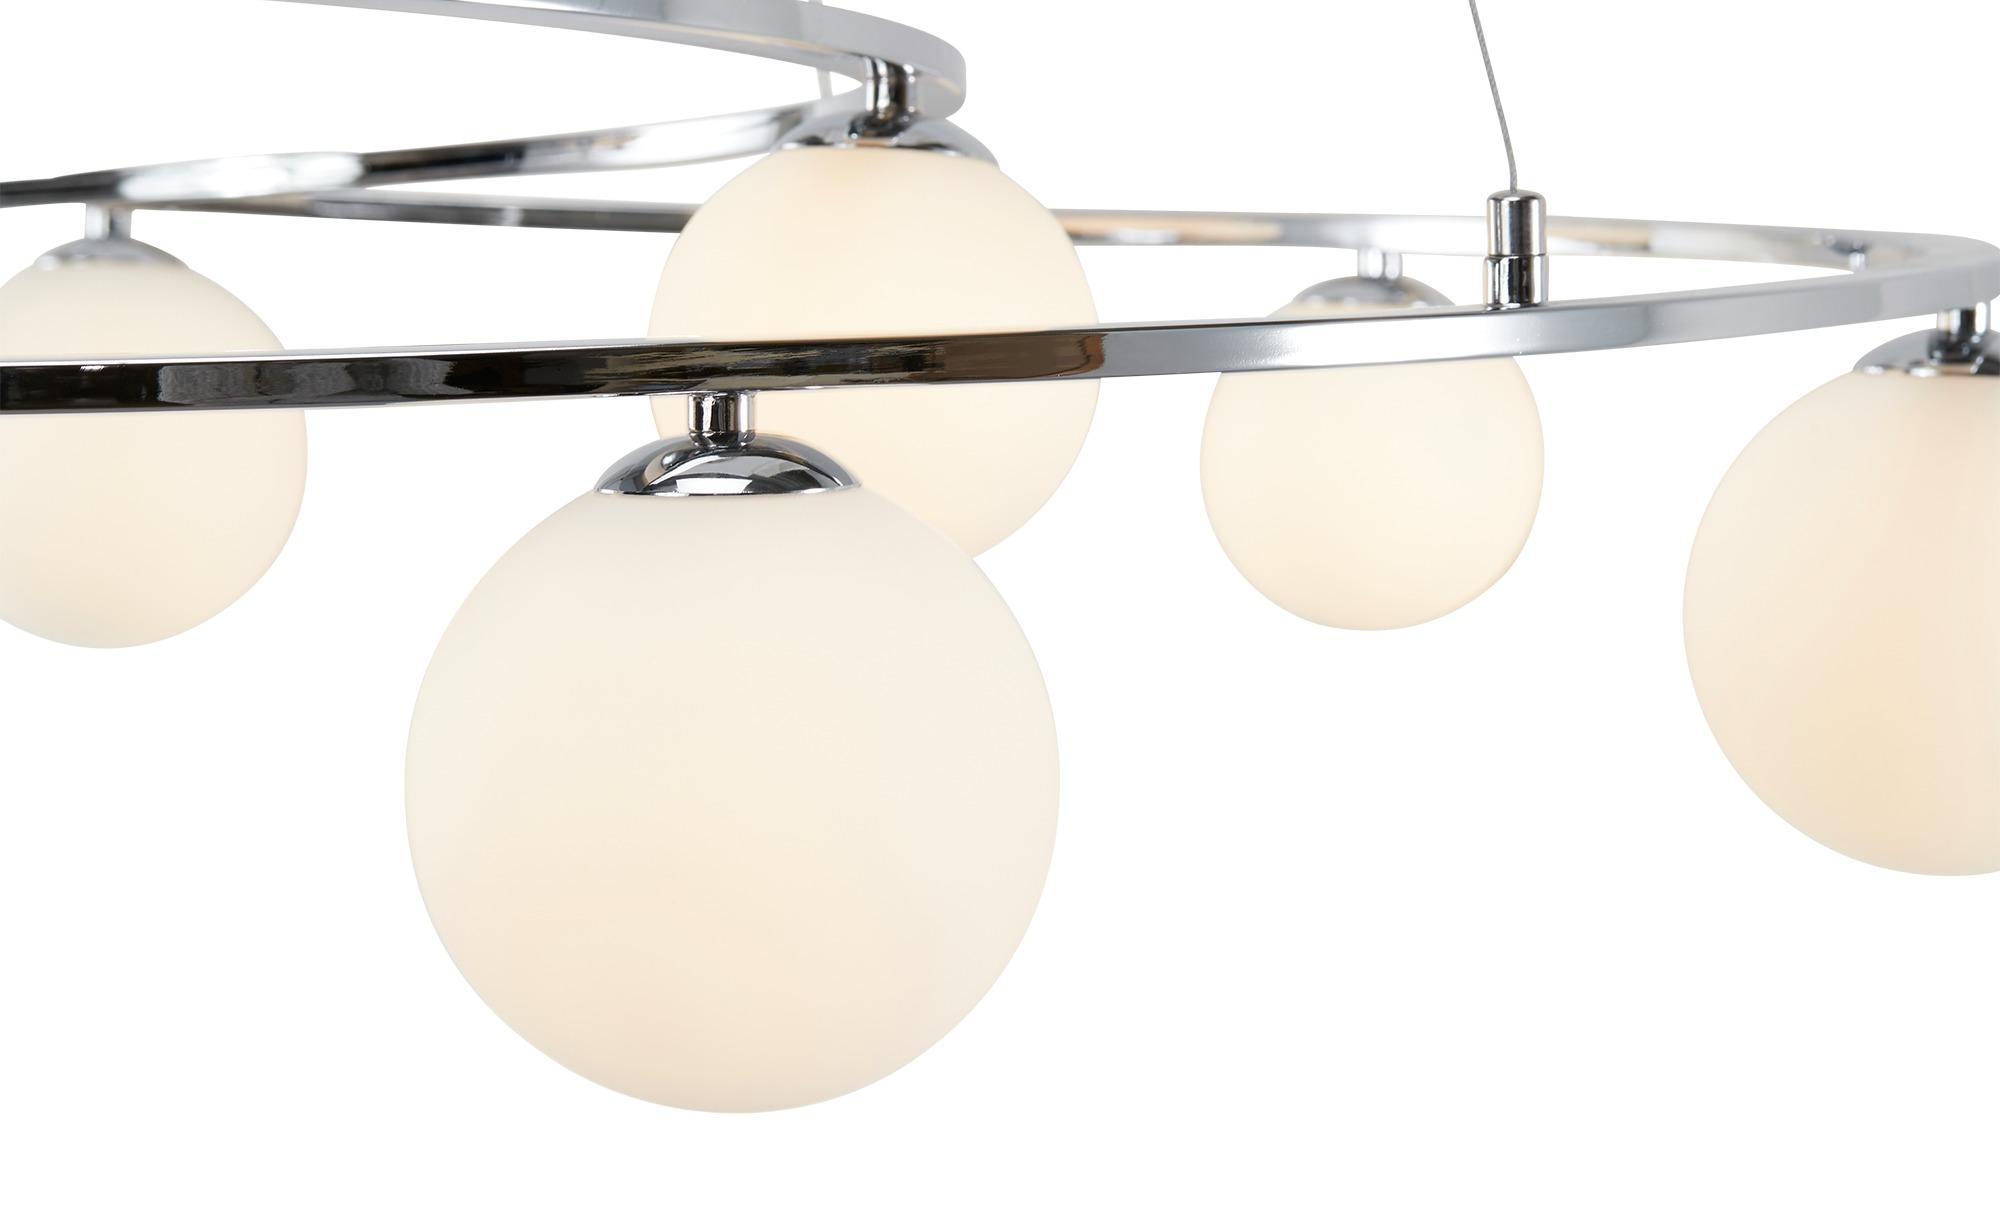 Meisterleuchten Pendelleuchte, 8-flammig, mit Glaskugeln ¦ silber ¦ Maße (cm): B: 82 H: 150 Lampen & Leuchten > LED-Leuchten > LED-Pendelleuchten - Höffner